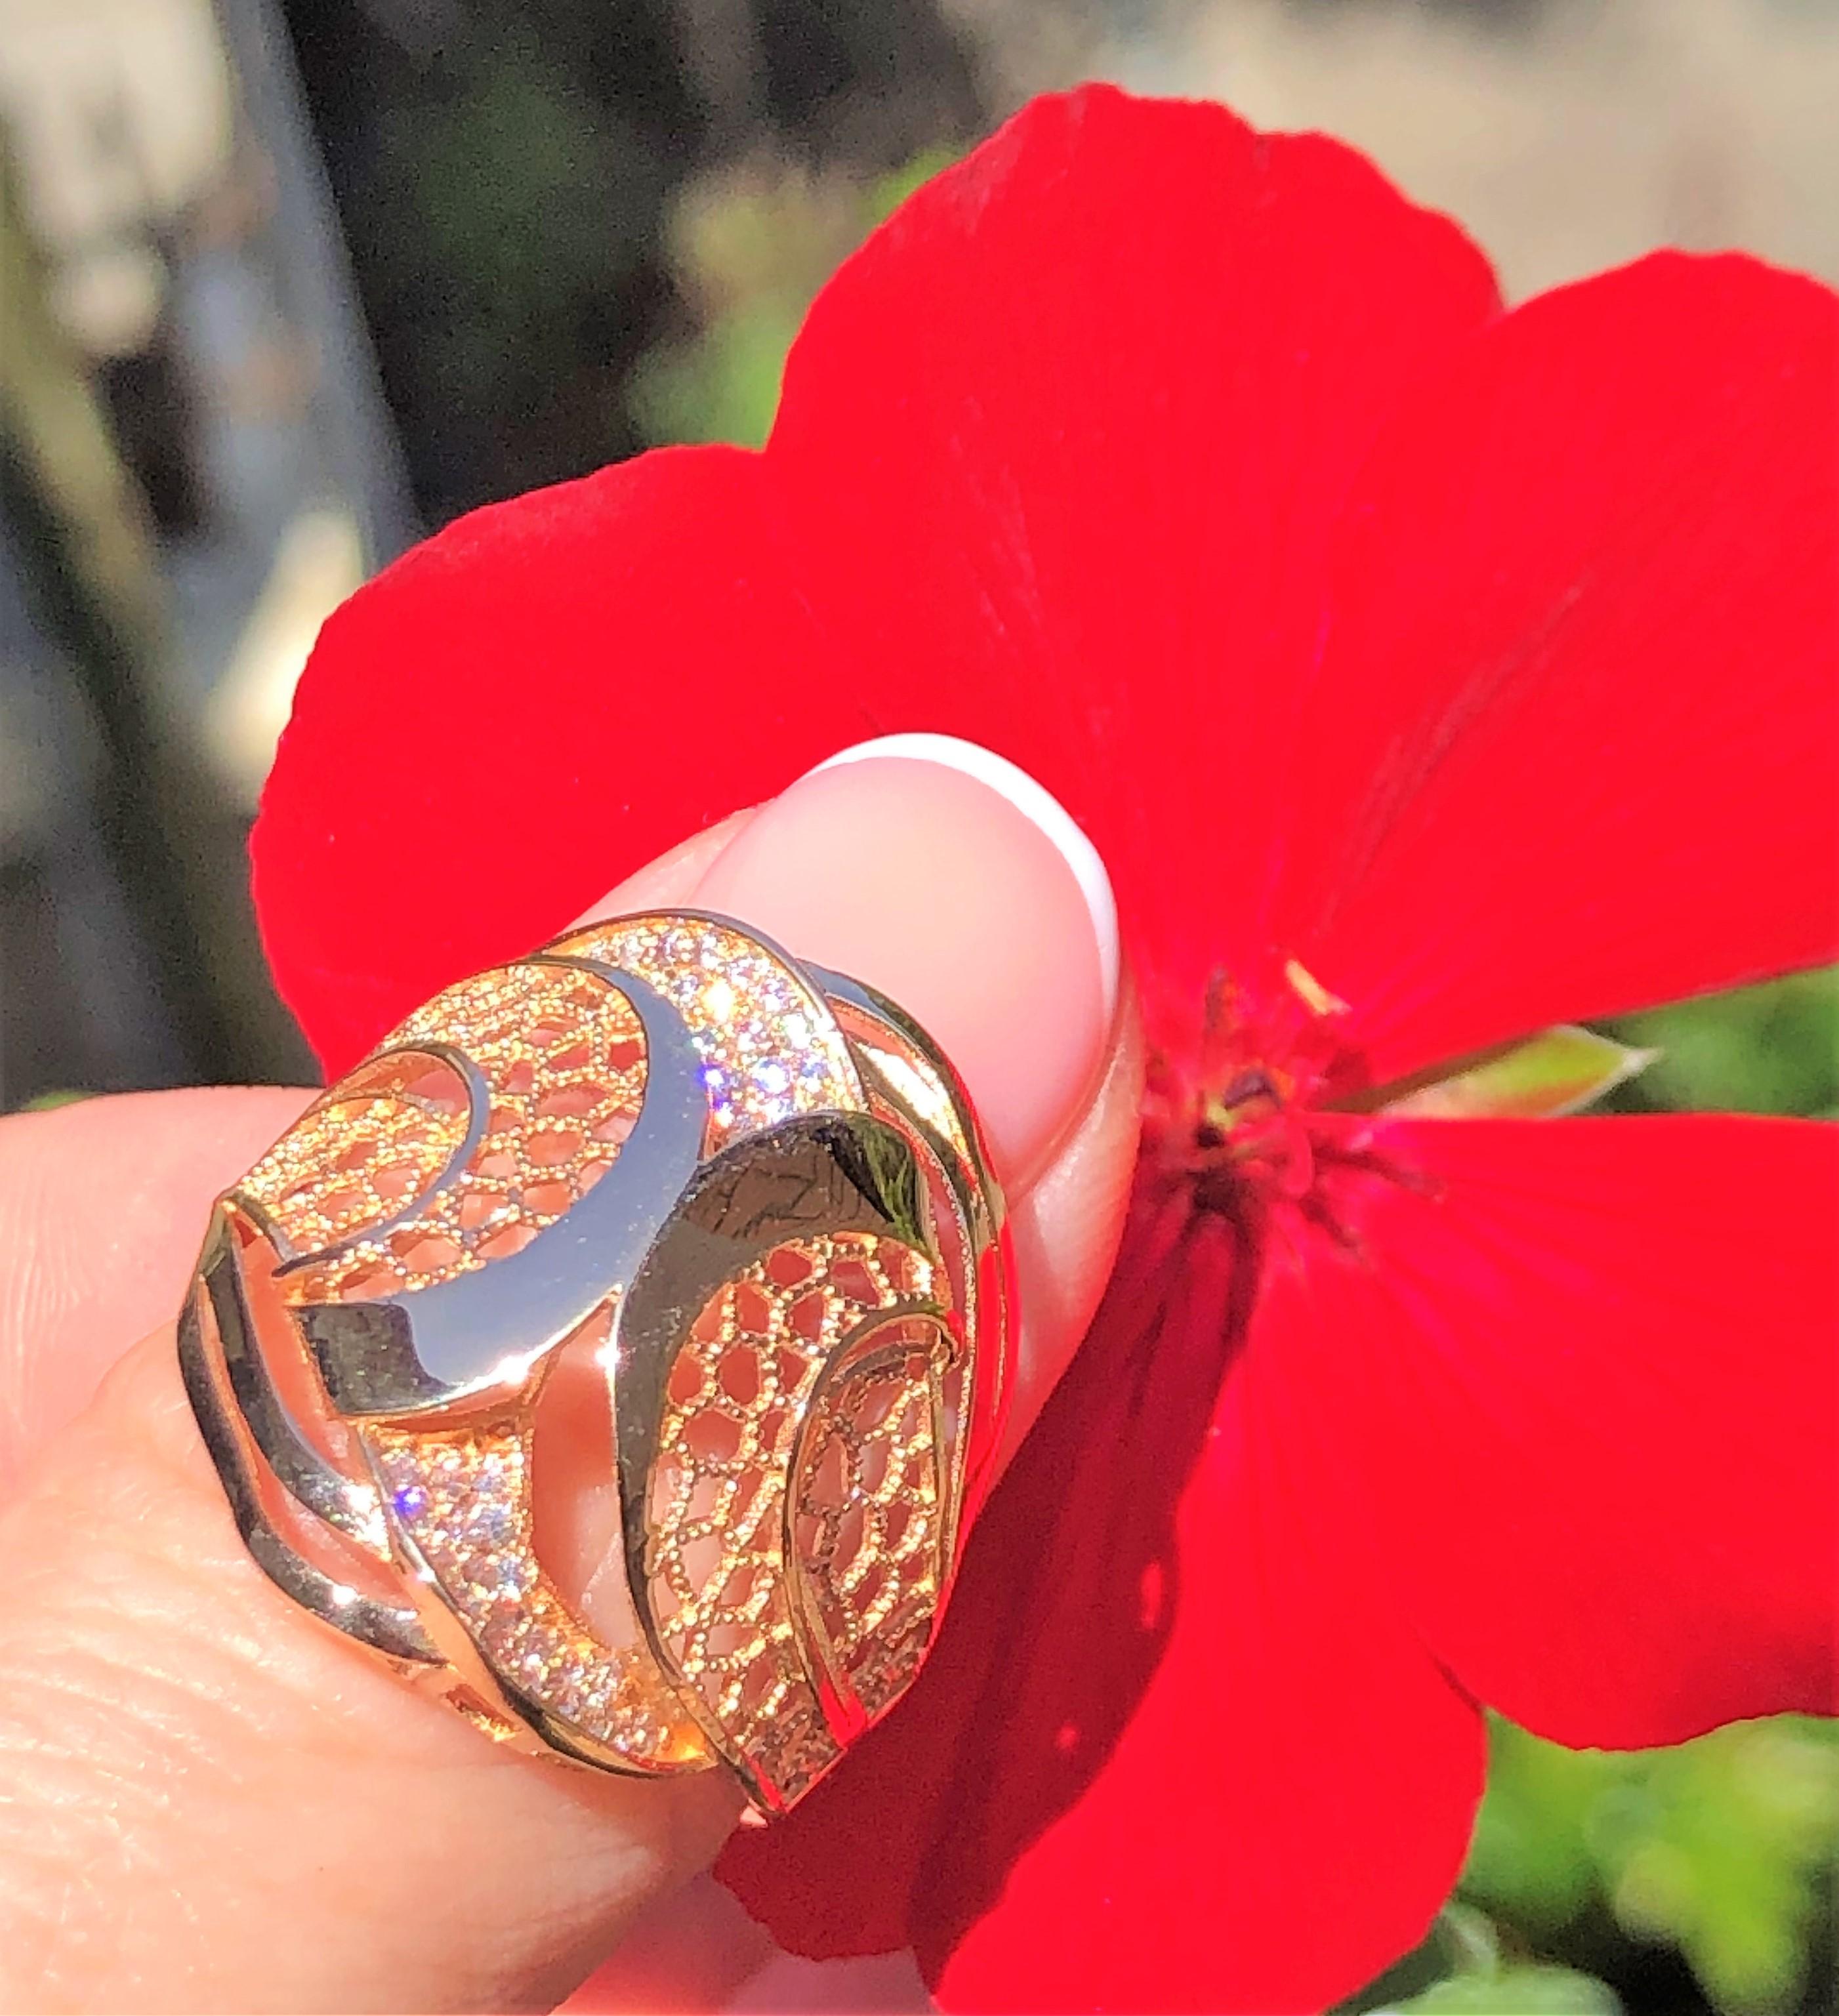 Золотое кольцо по оптовым ценам производителя Киевголд